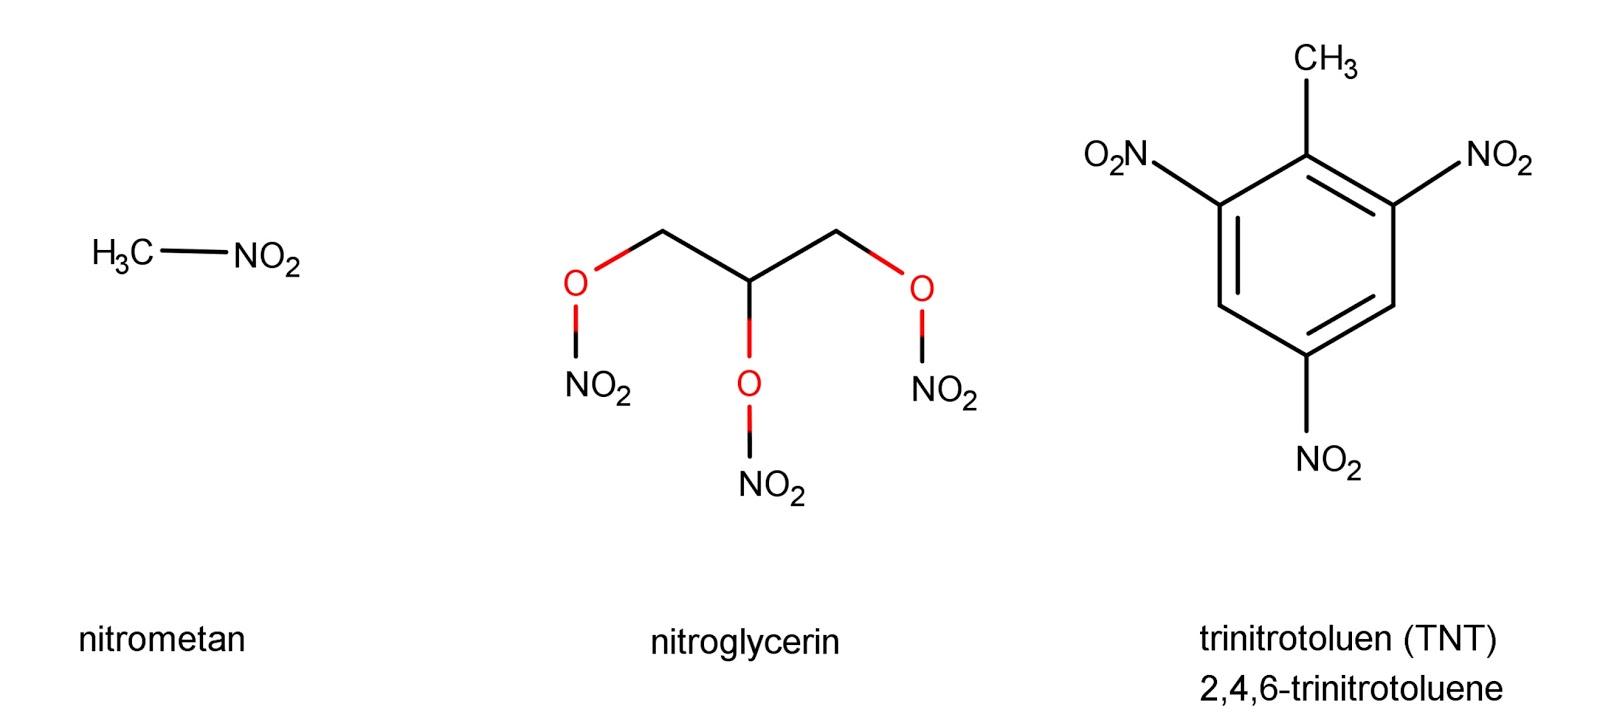 Kemi 2 Organisk Kemi ämnesklasser